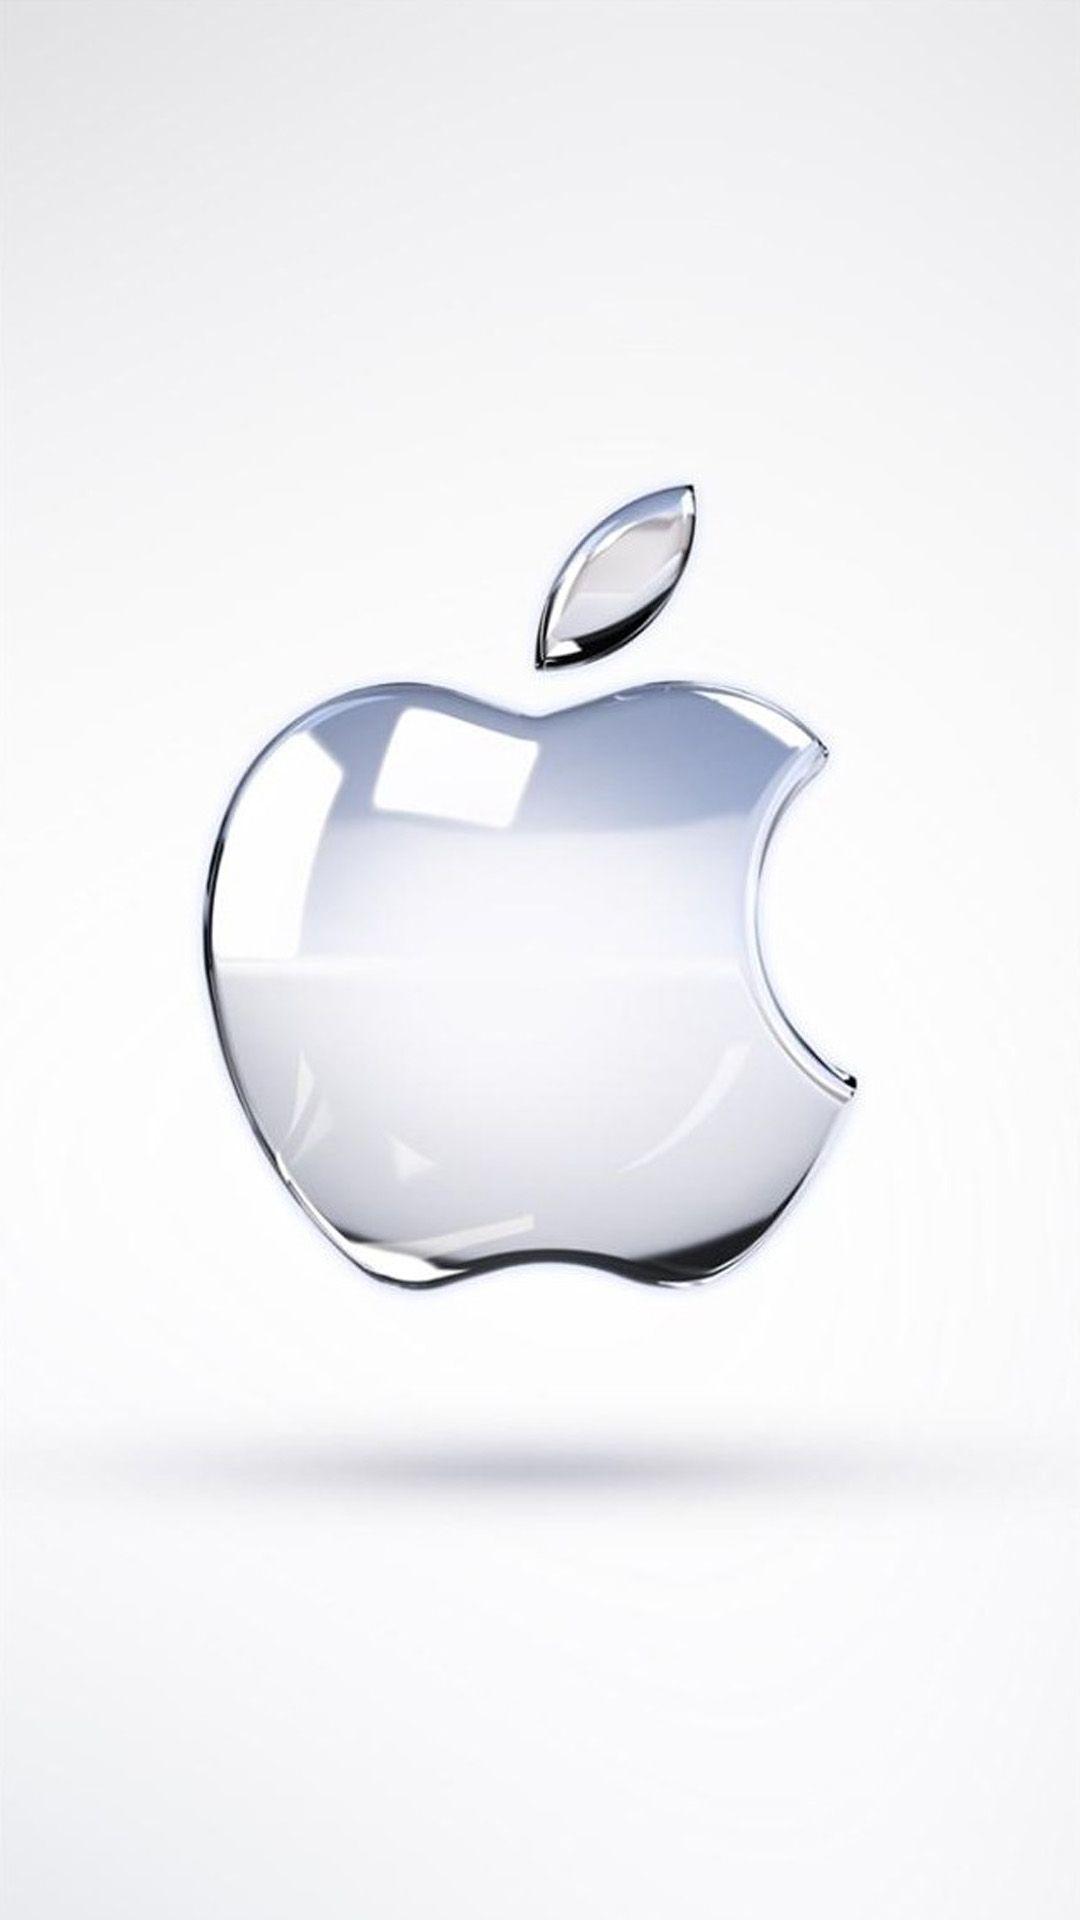 人気156位 ガラスのappleロゴ アップルロゴ アップルの壁紙